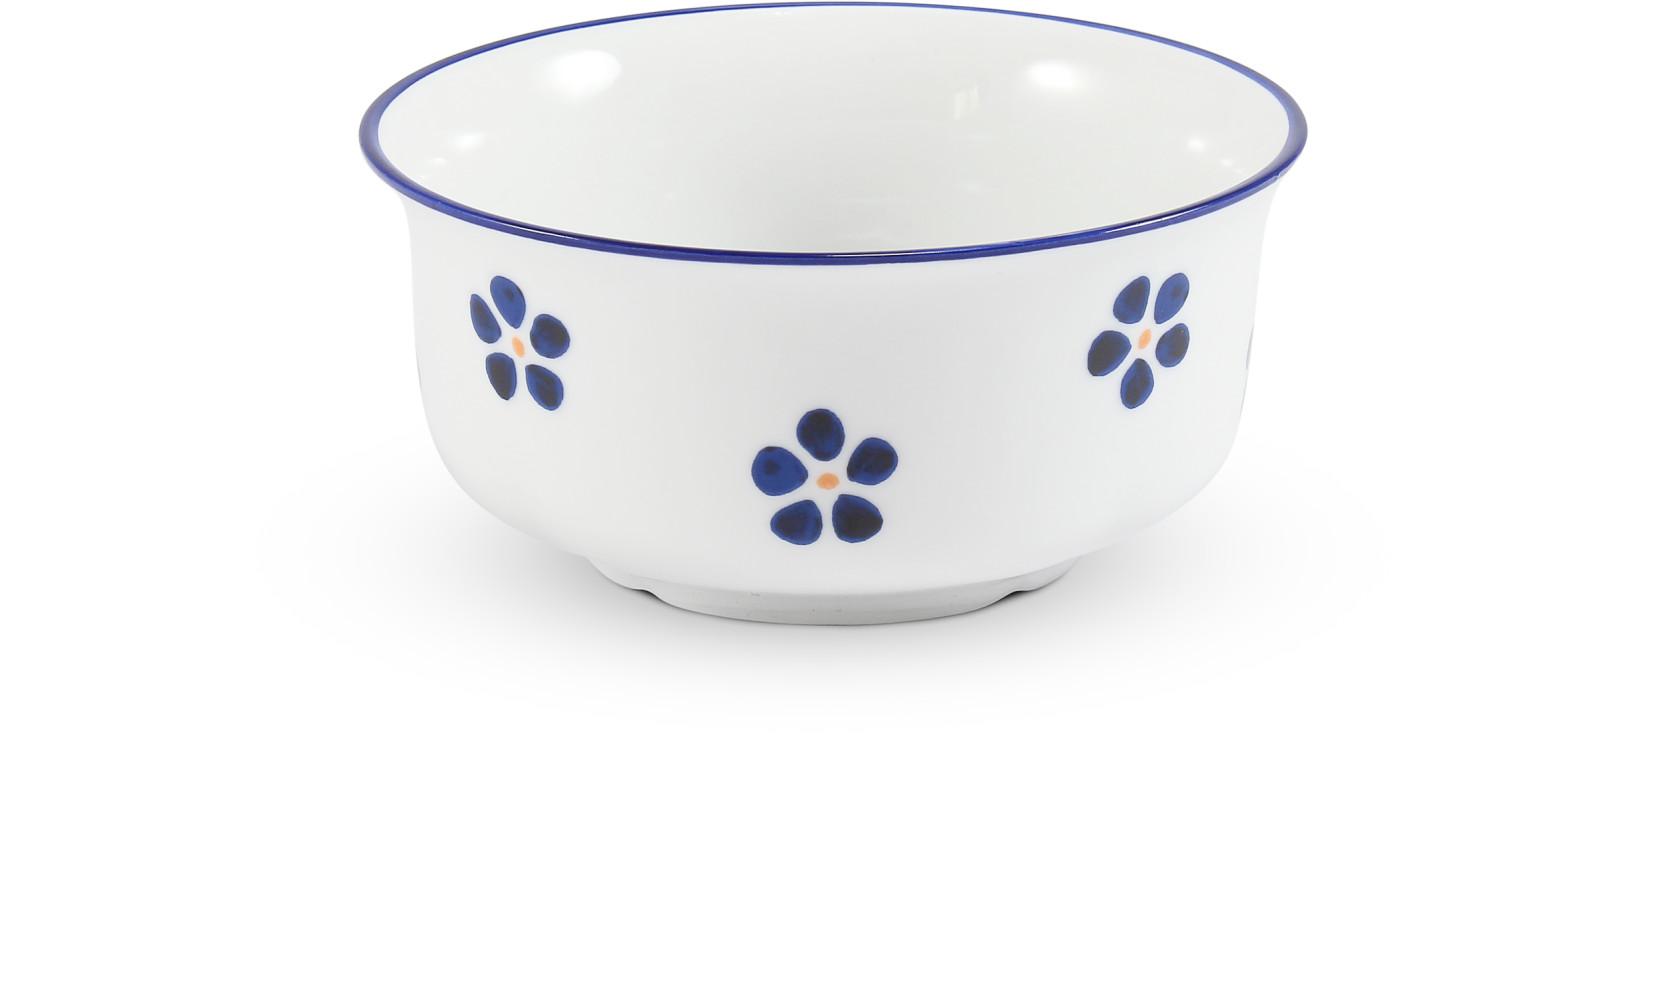 Šálek na polévku bez ucha 0,35 l Modrohrátky ze zahrádky